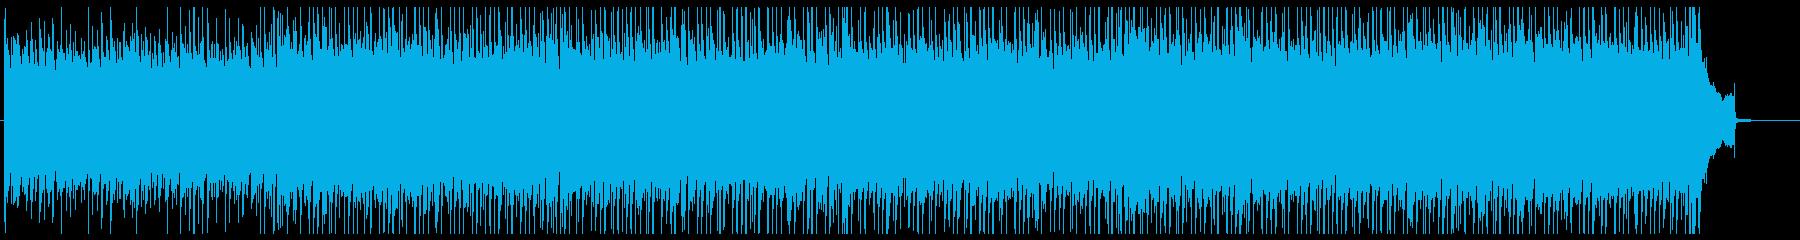 ナチュラルなコマーシャル向けポップ音楽の再生済みの波形